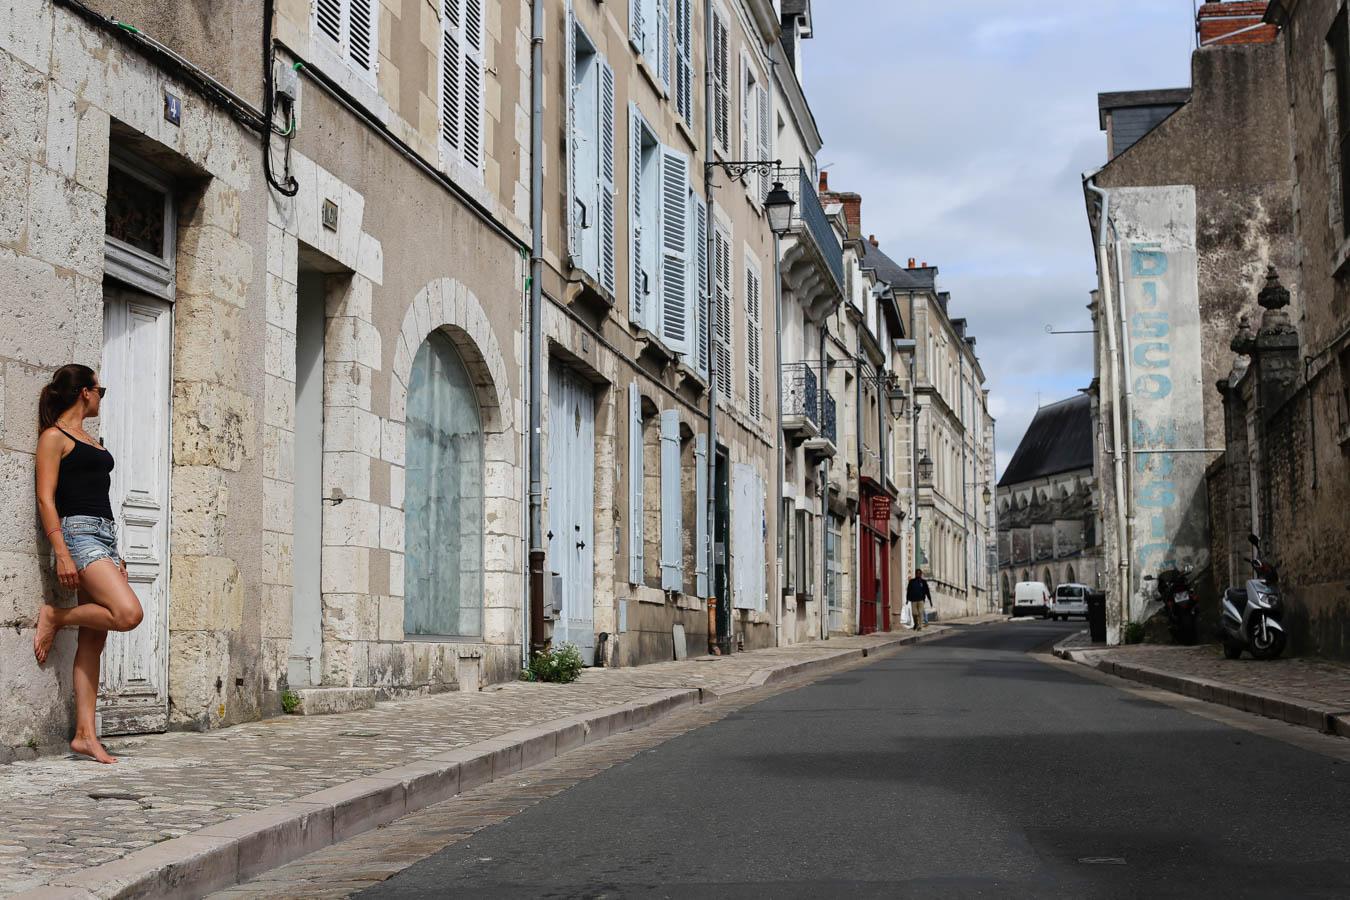 #Travel Diary 4   Blois Frankreich – eine geschichtsträchtige Stadt.